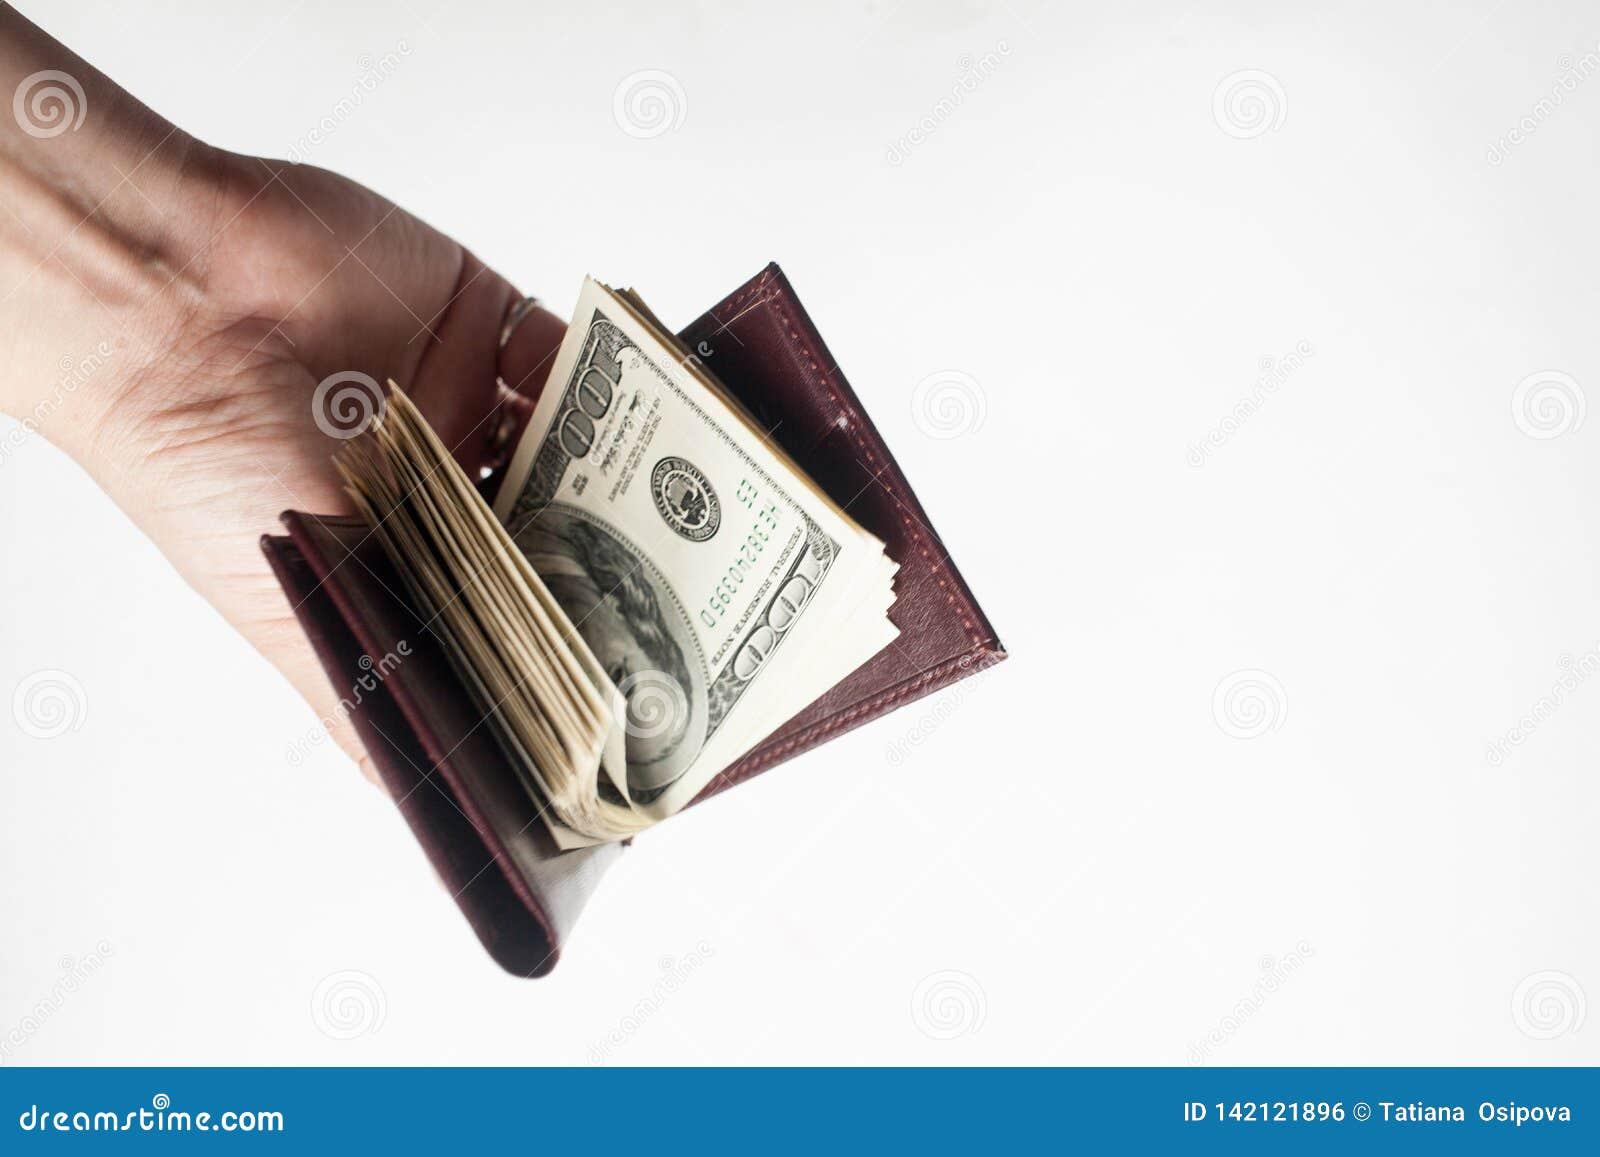 Una mano che tiene un portafoglio in pieno di cento banconote in dollari isolate sopra un fondo bianco